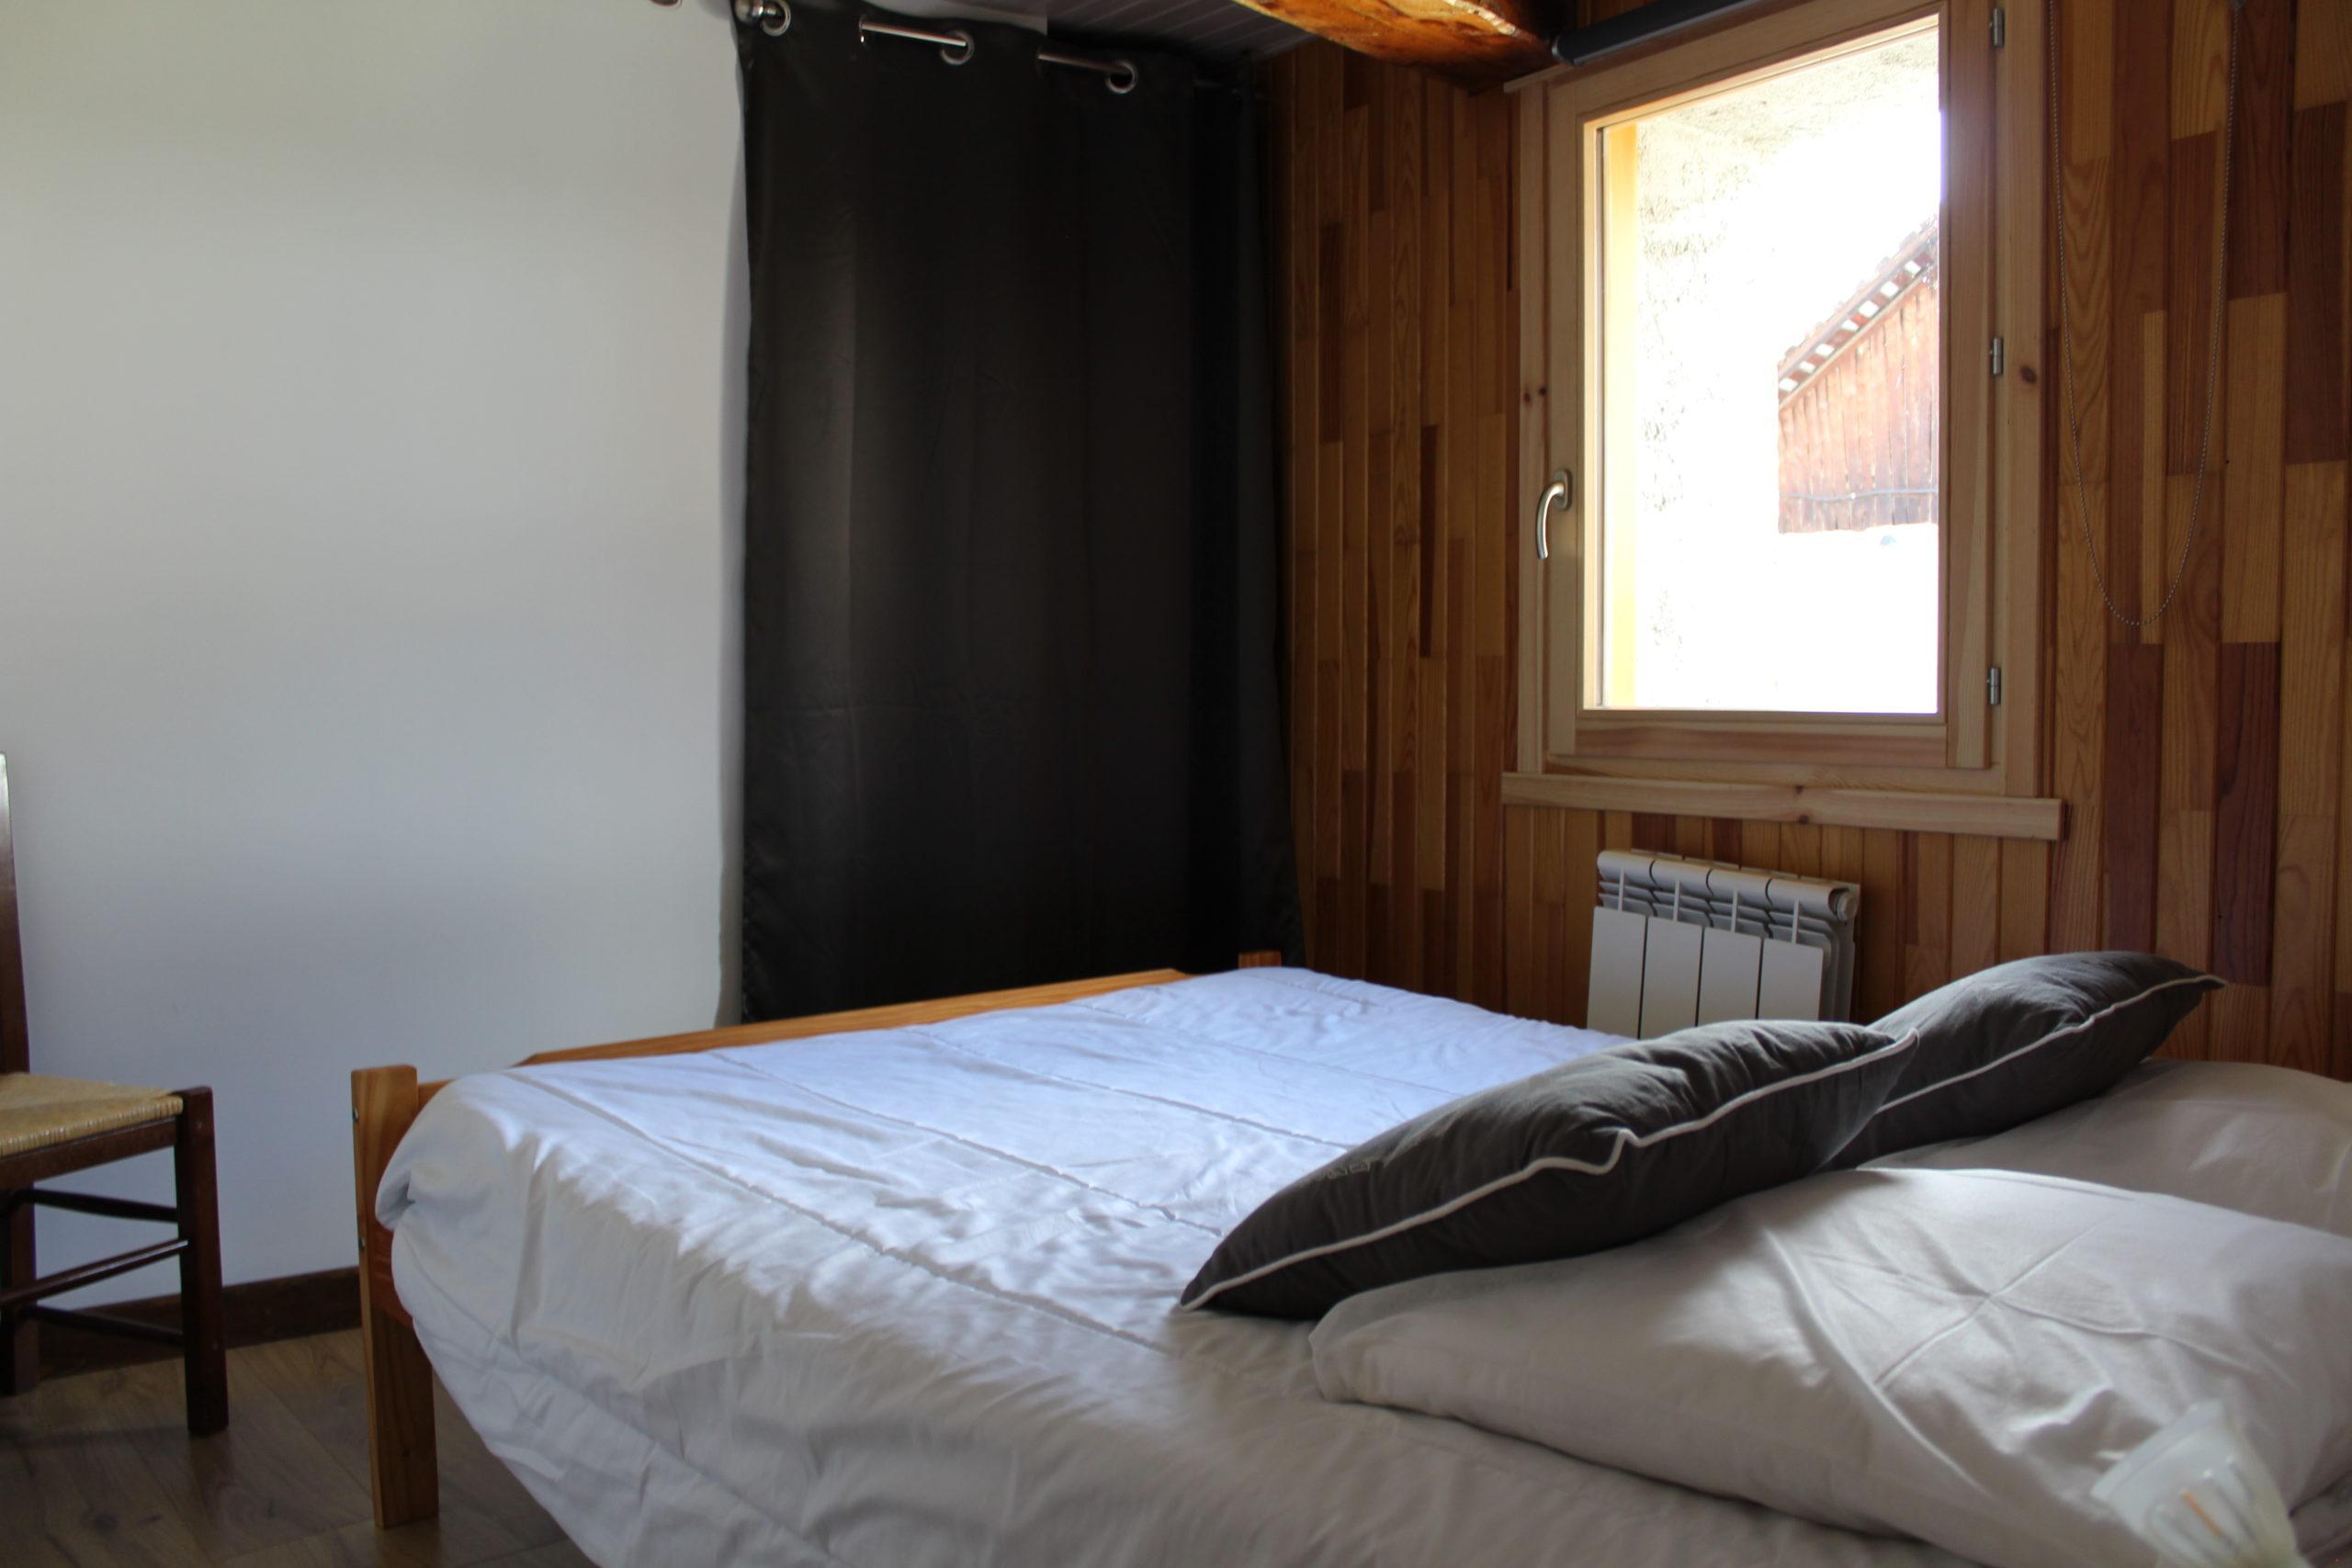 Photo d'un lit, avec coussins et couettes. Fenetre lumineuse en face.